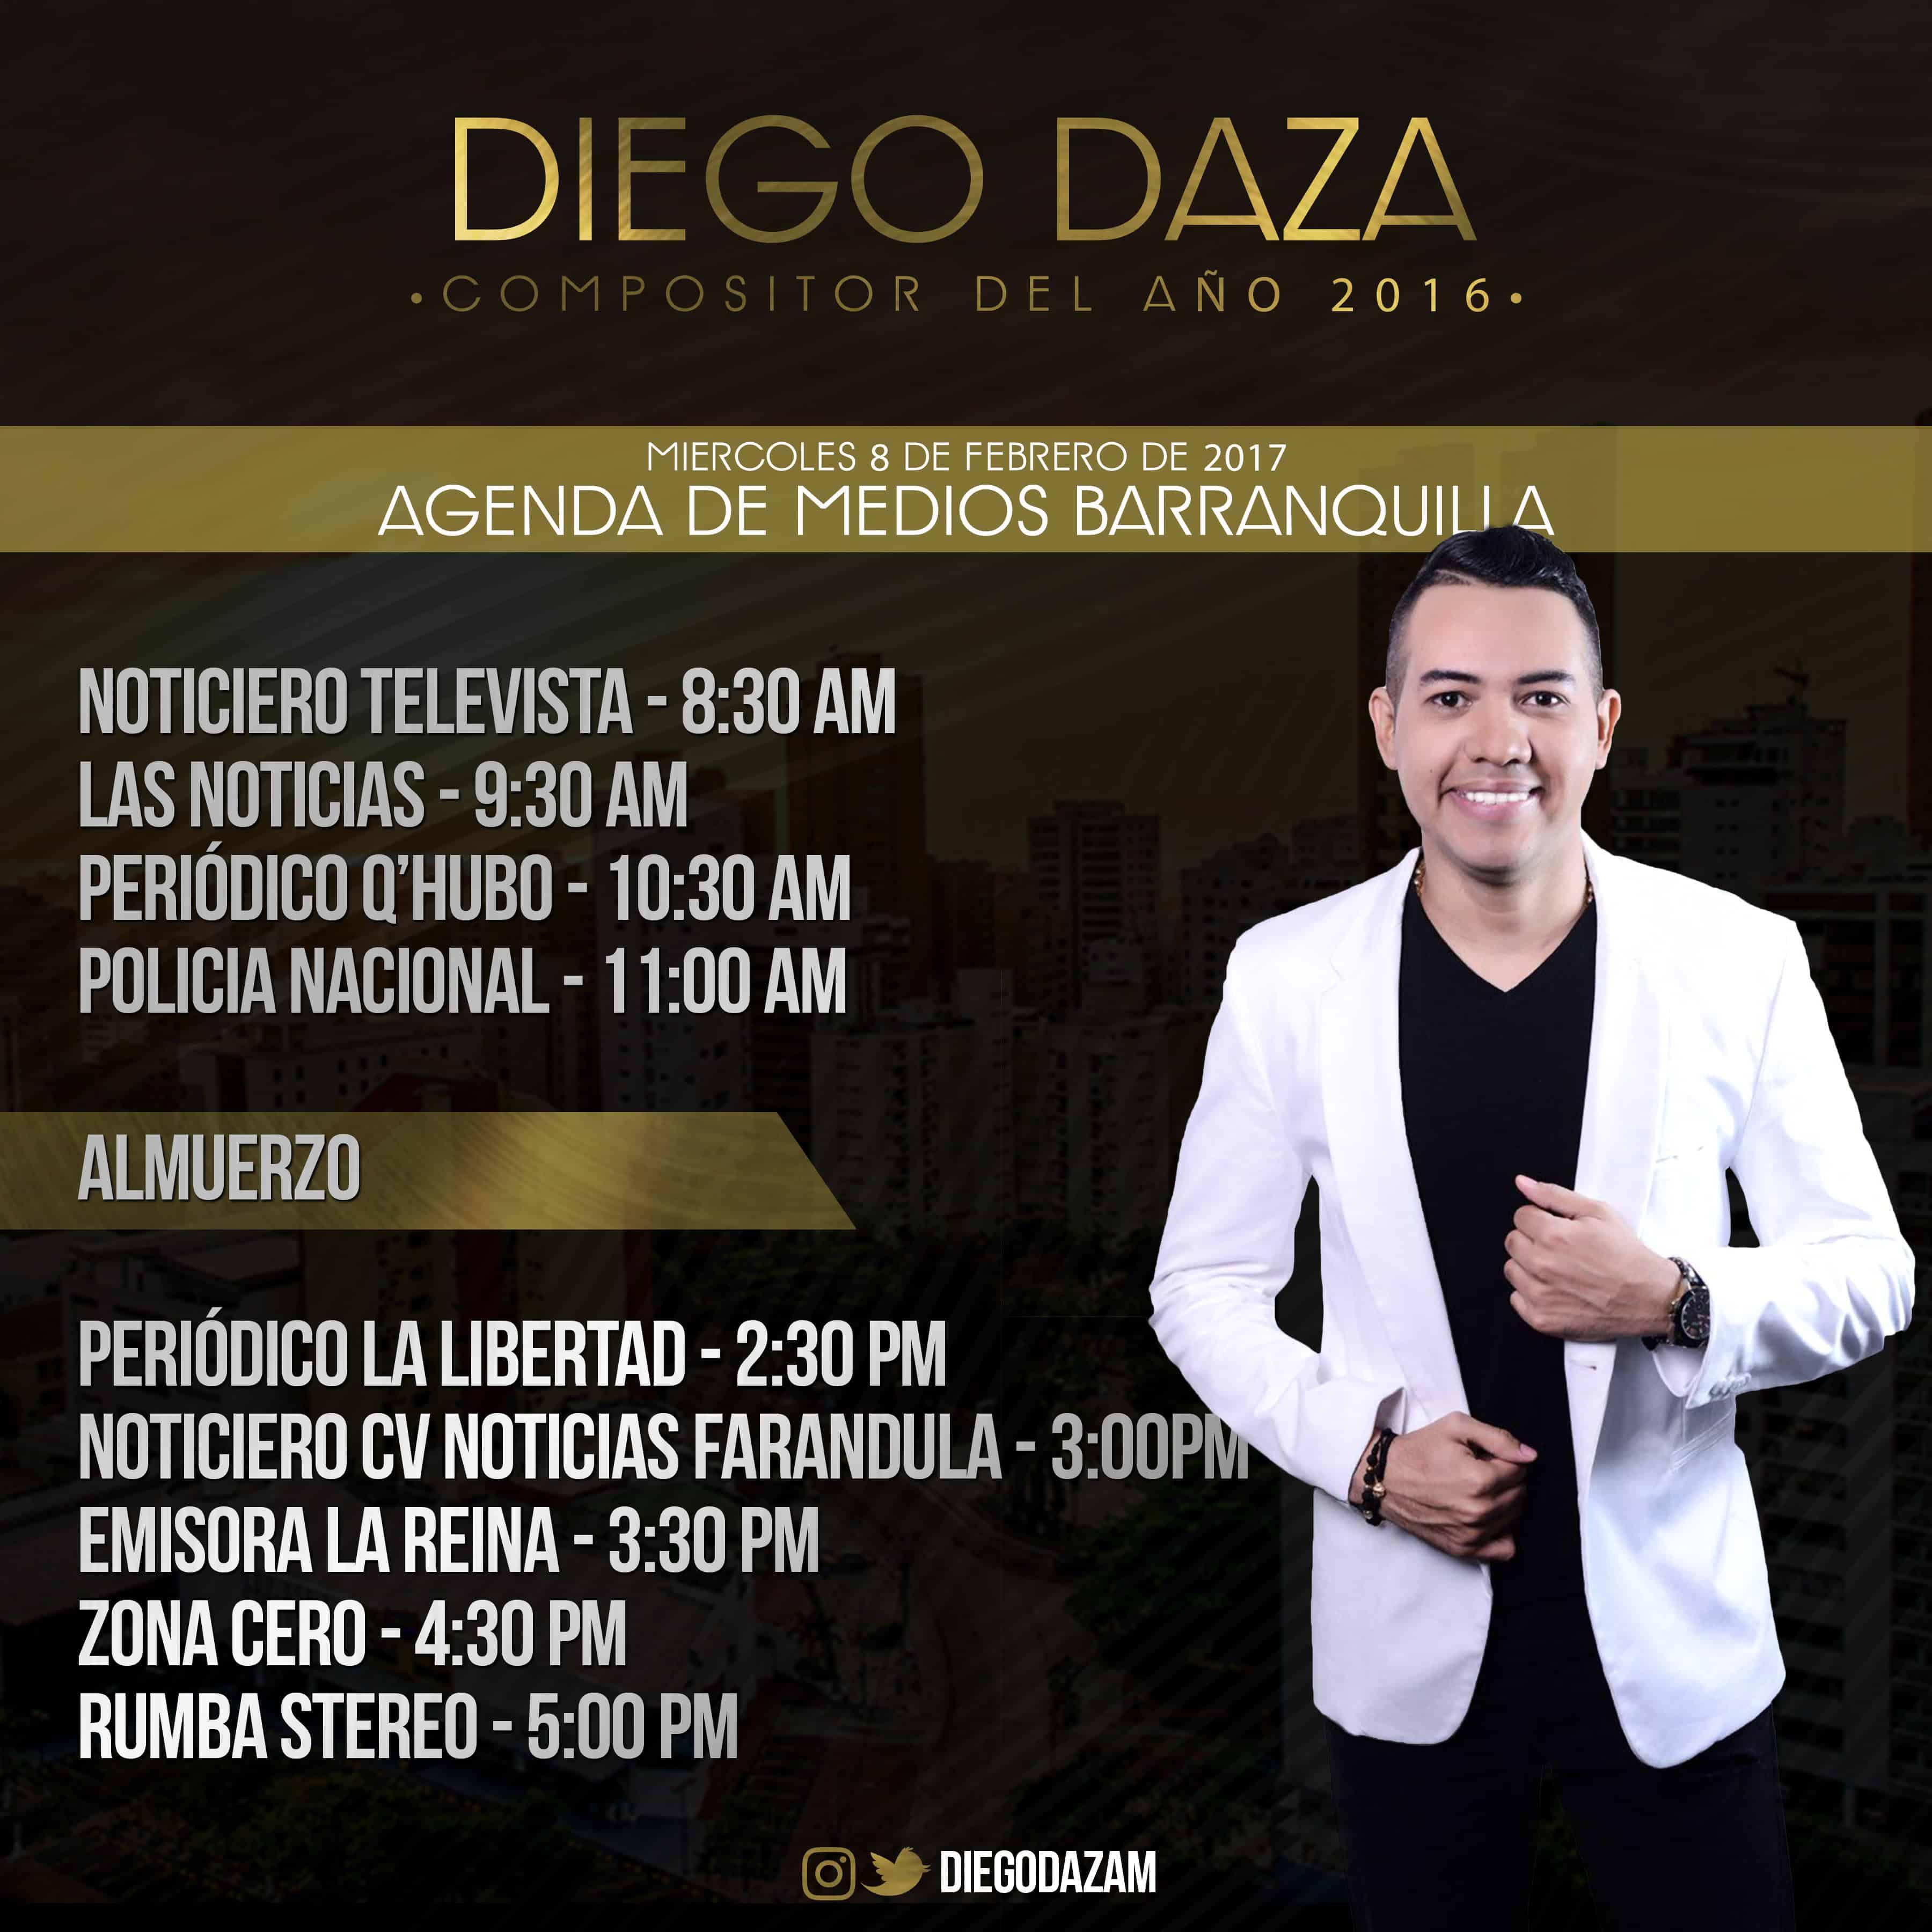 Diego Daza